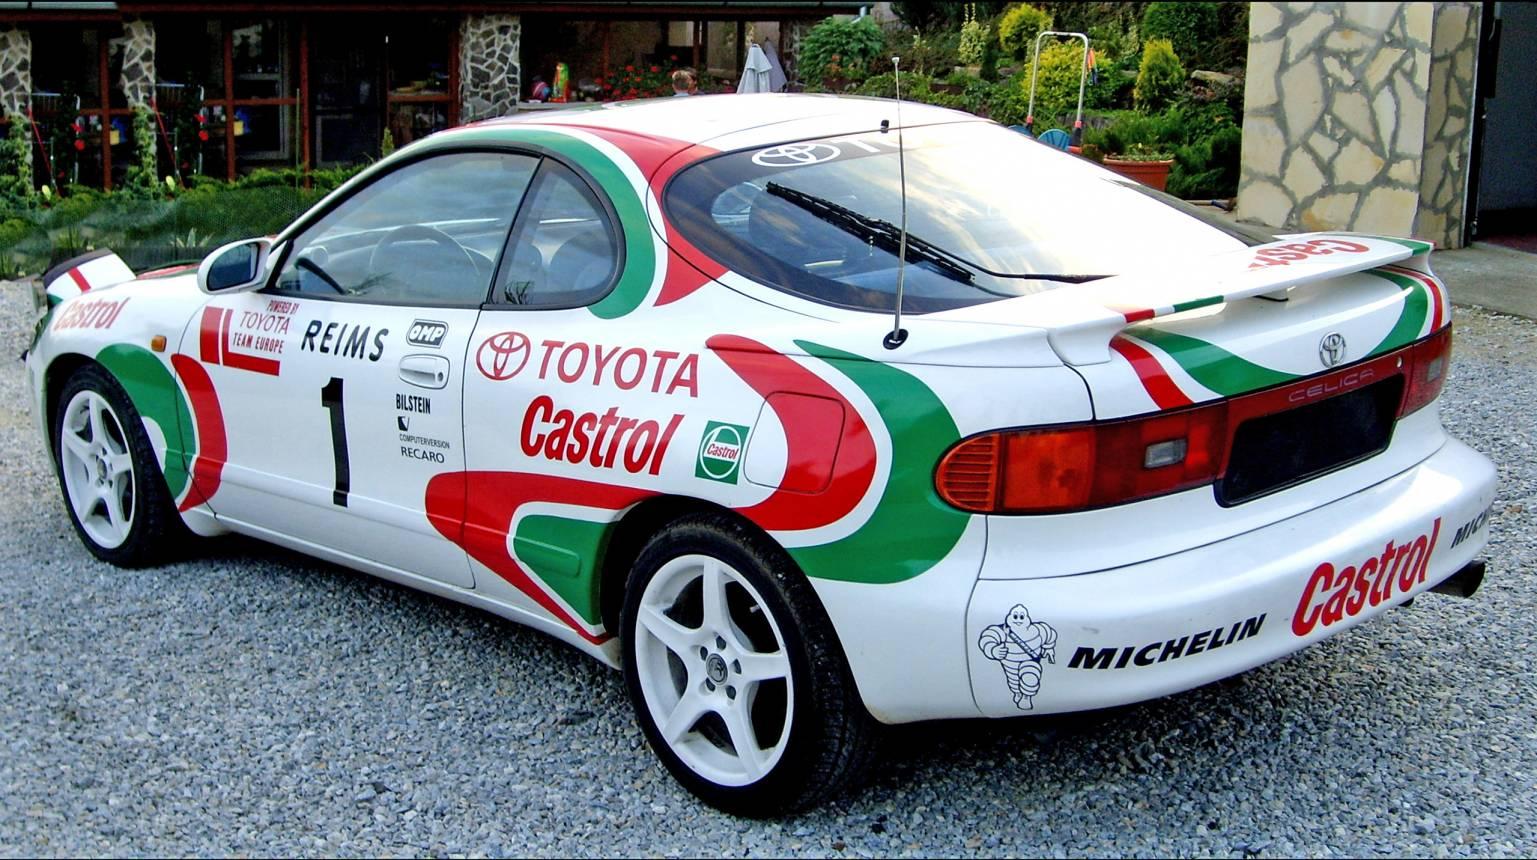 Toyota Celicával rallyzás Nyíregyháza mellett